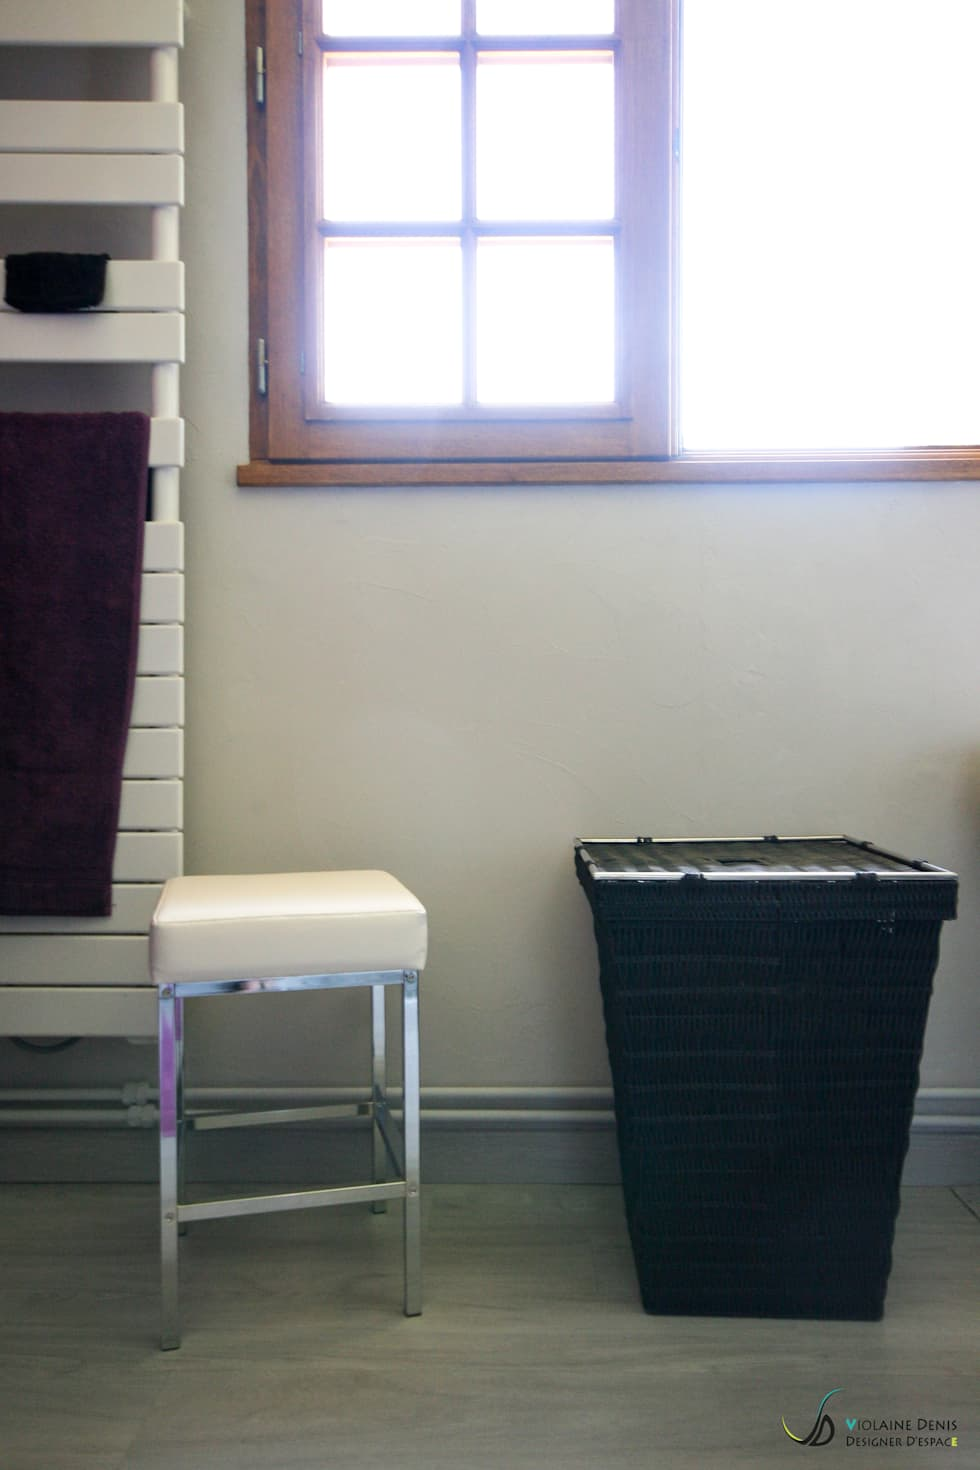 Salle de bain à accessibilité PMR: Salle de bains de style  par Violaine Denis